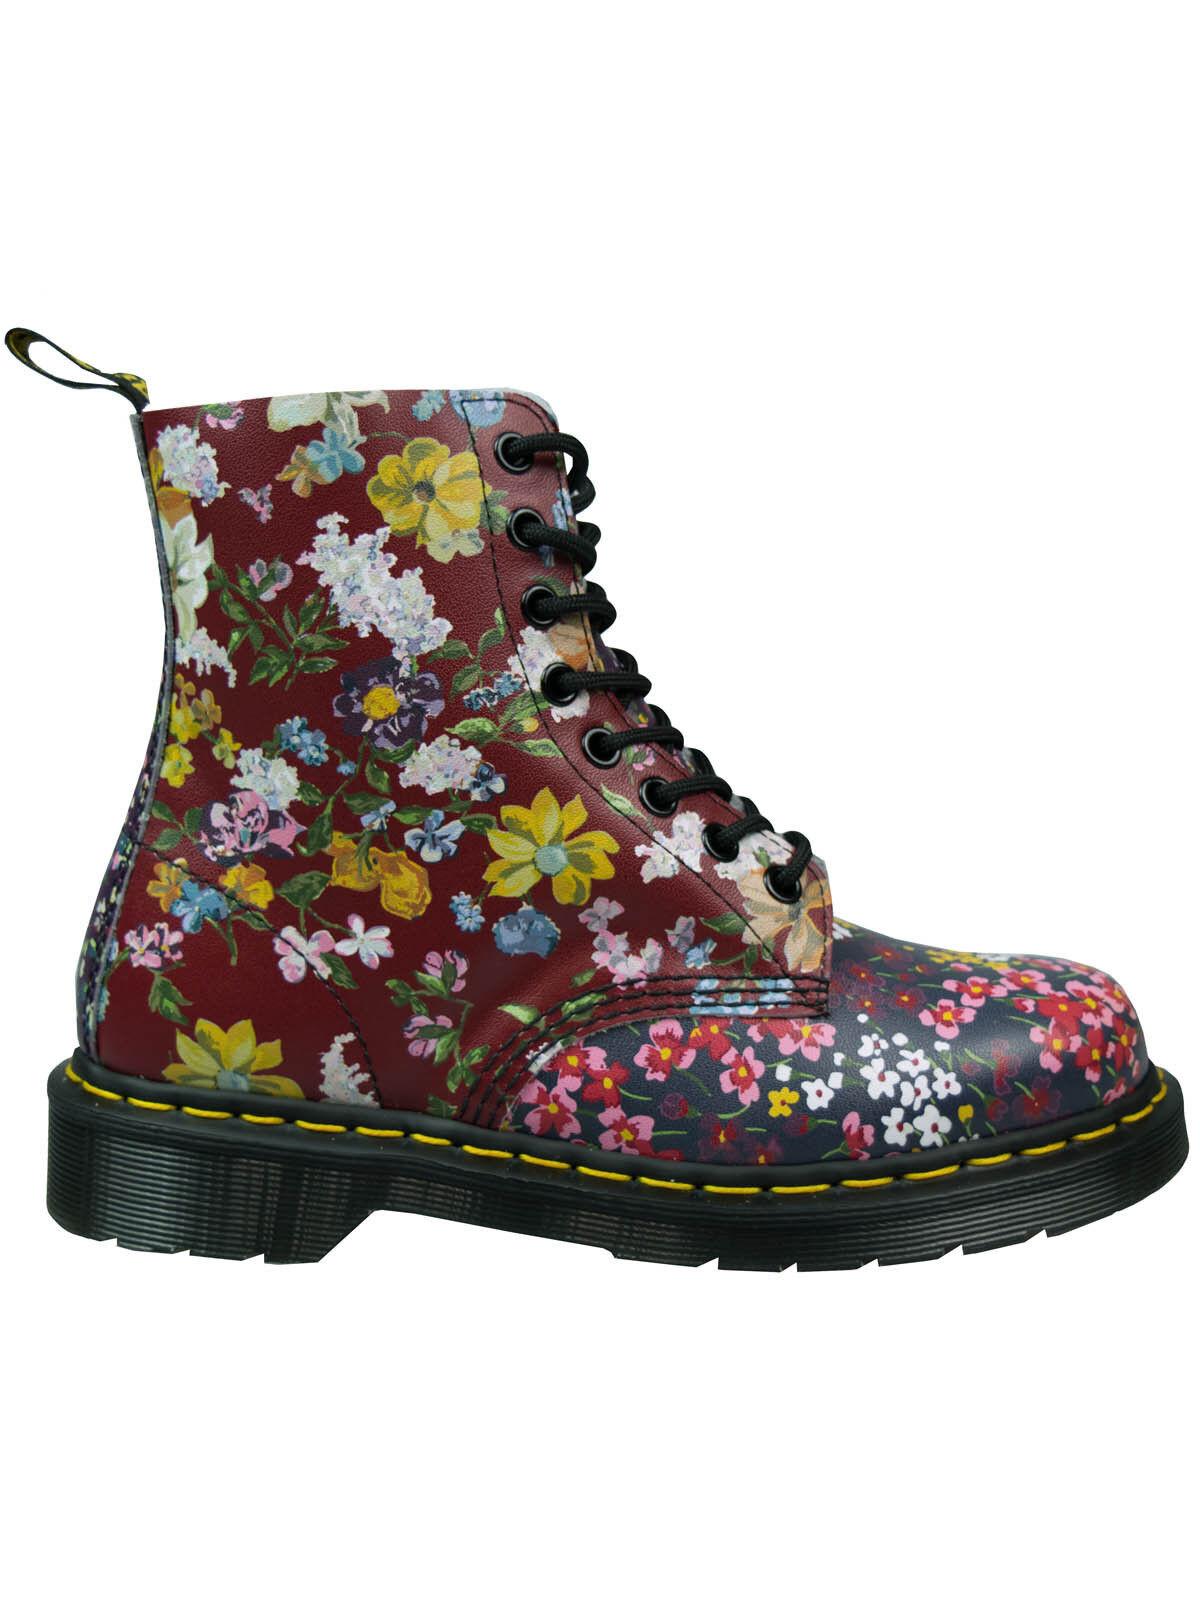 Dr. Martens doc 8 agujeros botas pascal FC Indigo Dark Red flores Flowers